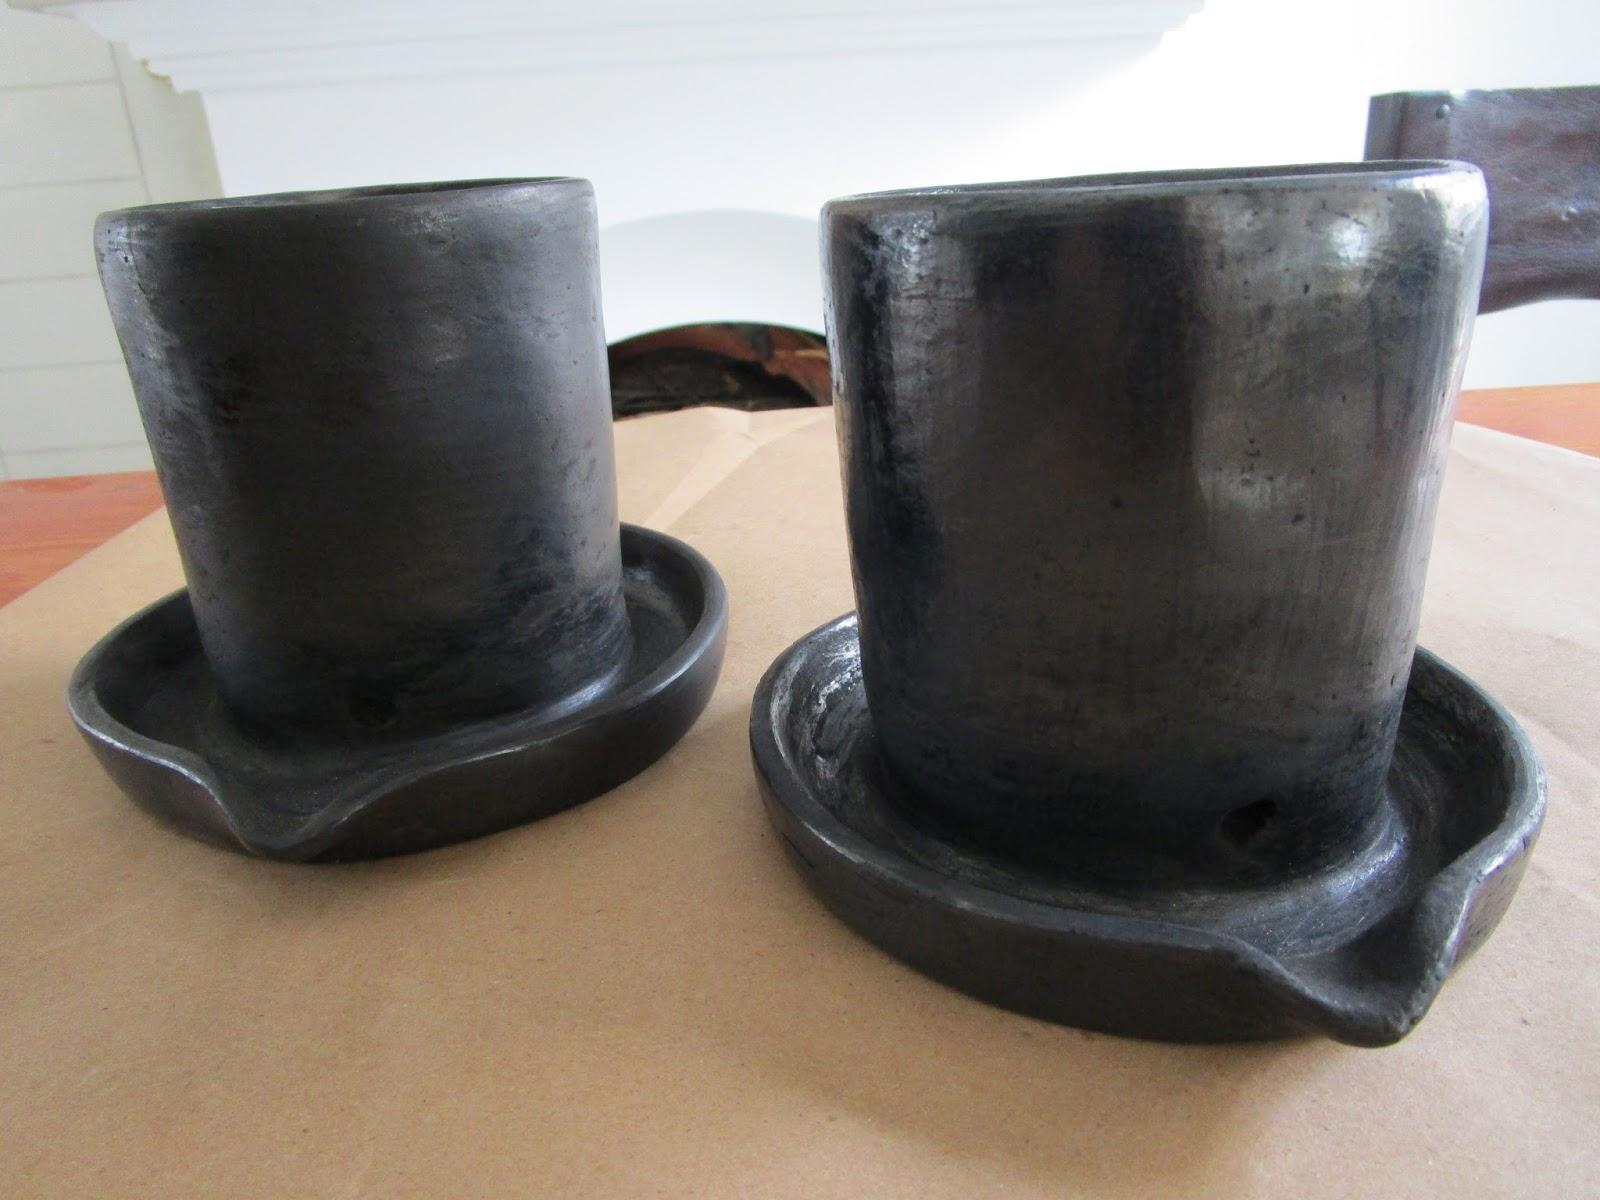 Combinalo con el guarda-esponjas y el jarrón para utensilios de barro negro  para que tu cocina luzca un carácter especial. ef6485da0d28